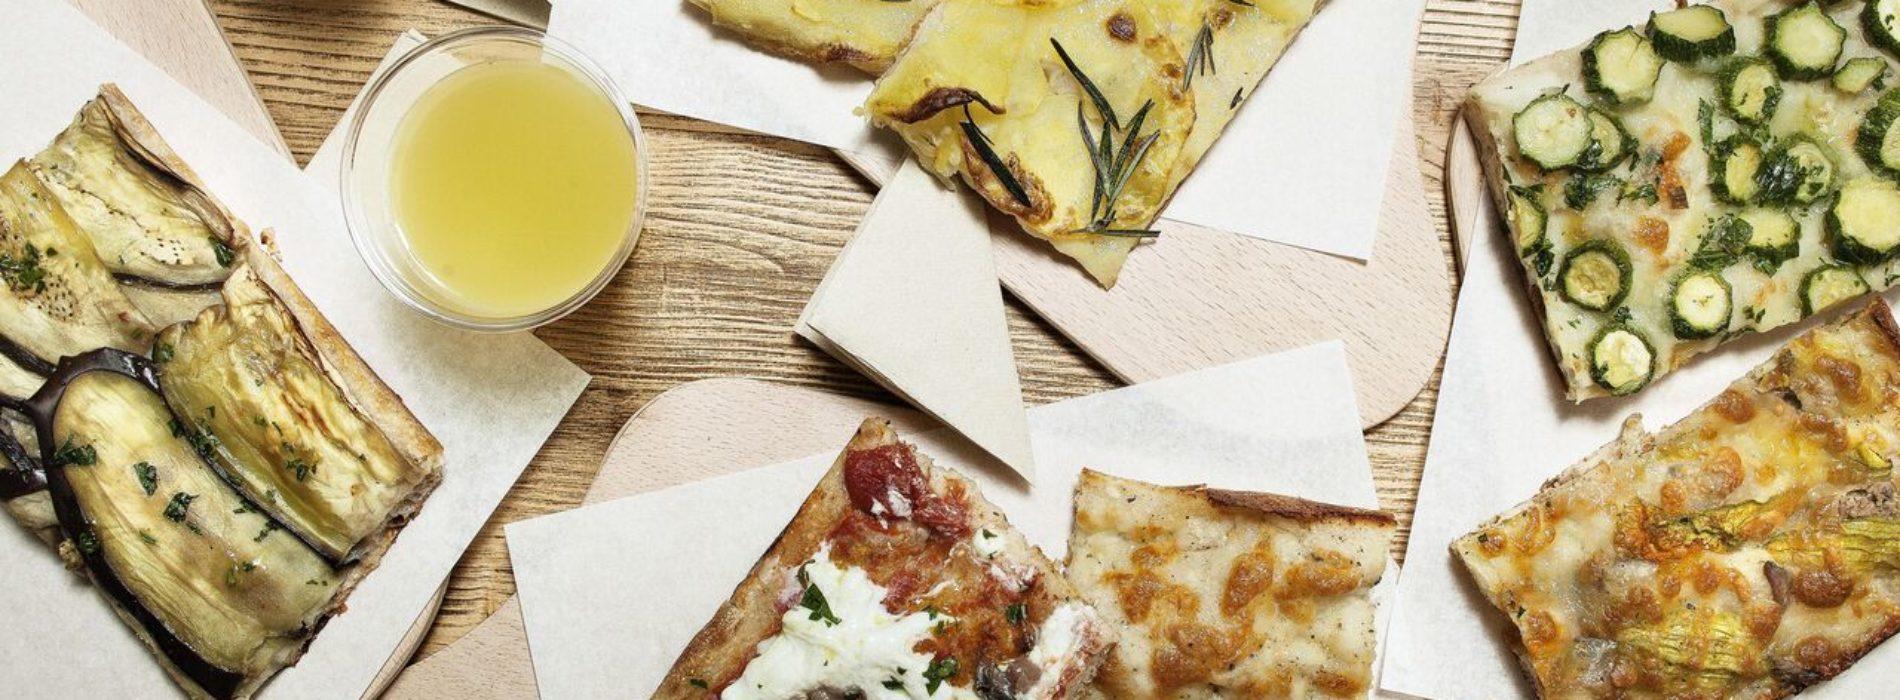 Marinella pizza su misura a Roma, dalla rossa alla carbonara il trancio è al centrimetro